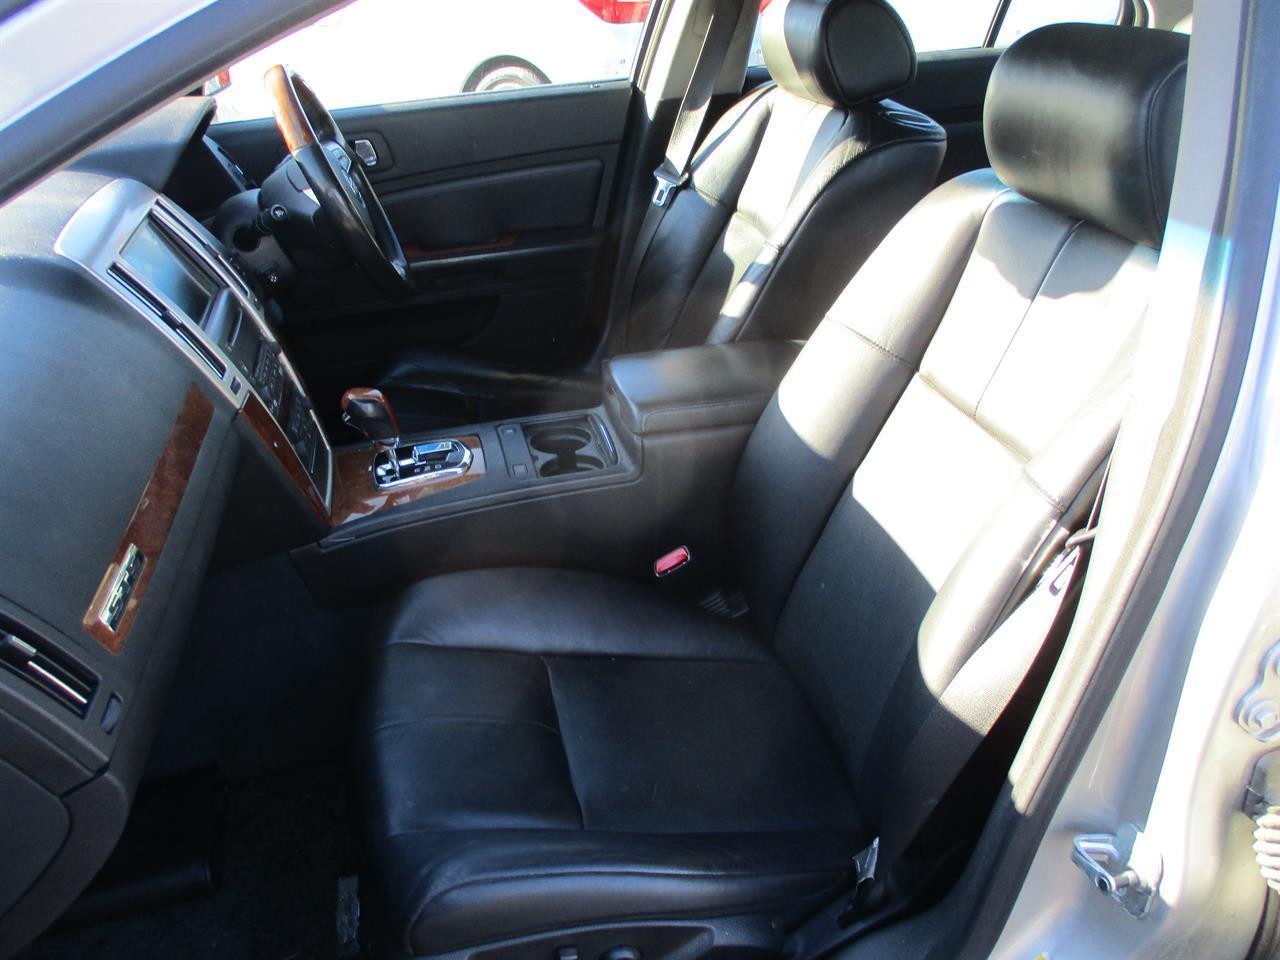 image-14, 2008 Cadillac STS V8 at Dunedin